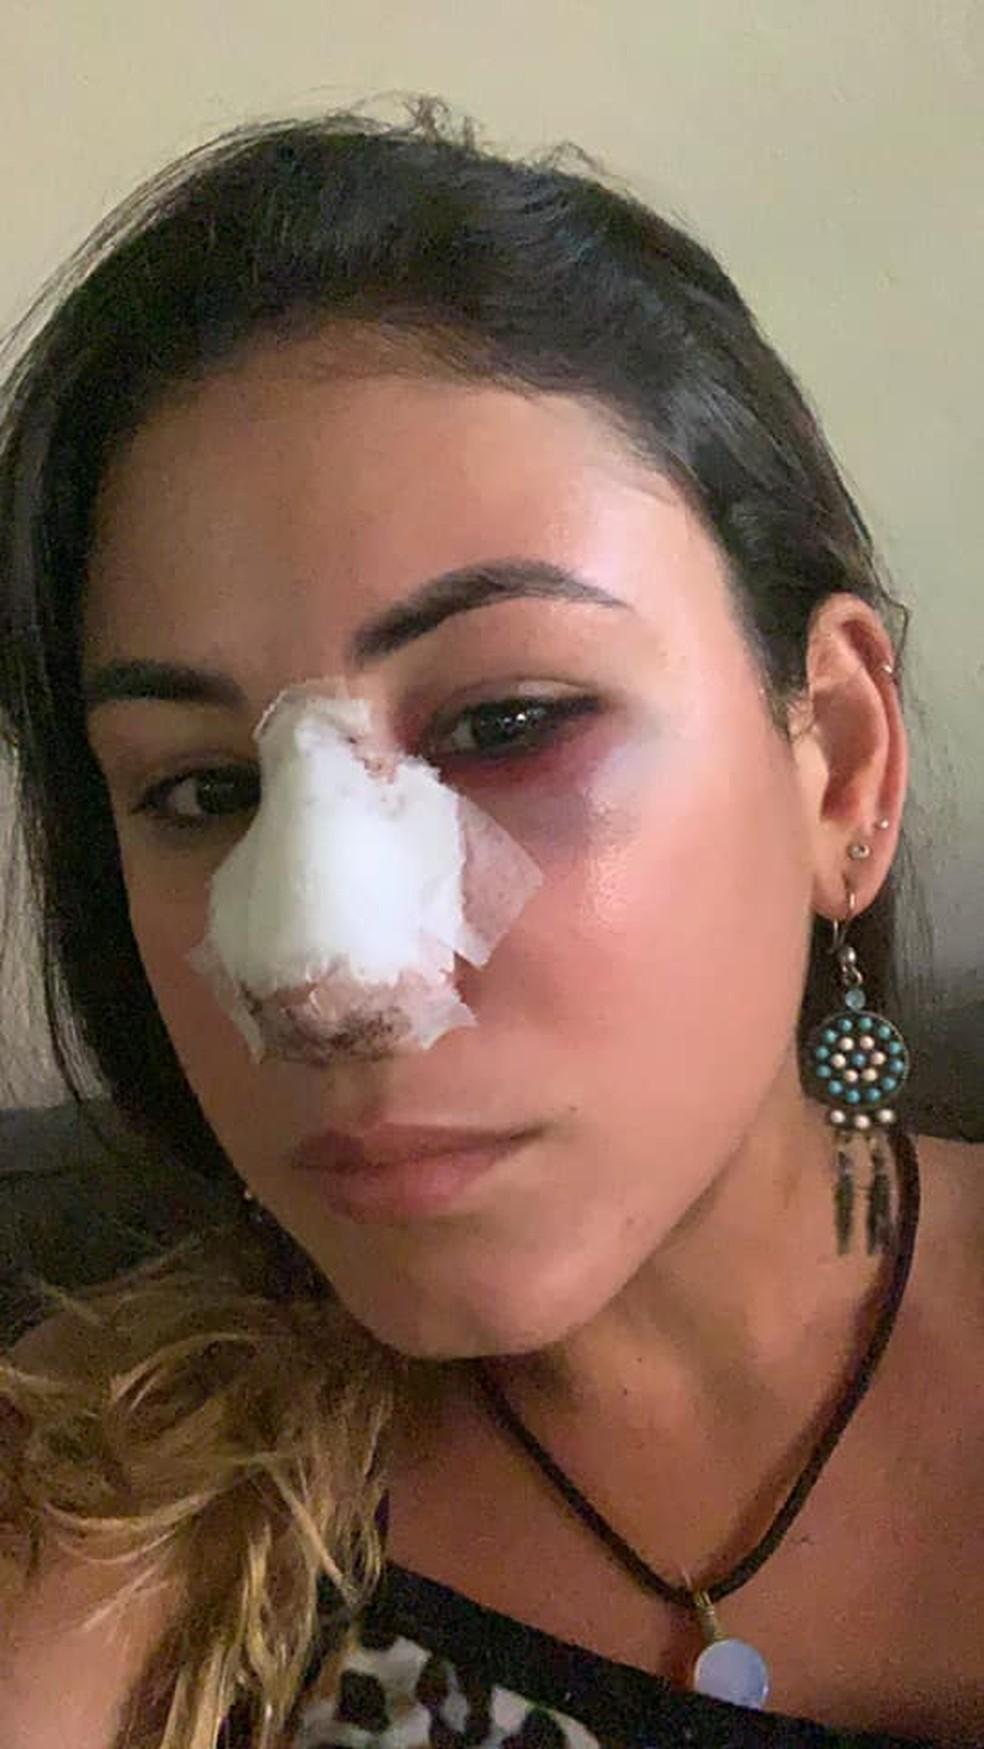 Vítima foi atingida no rosto  — Foto: Arquivo pessoal